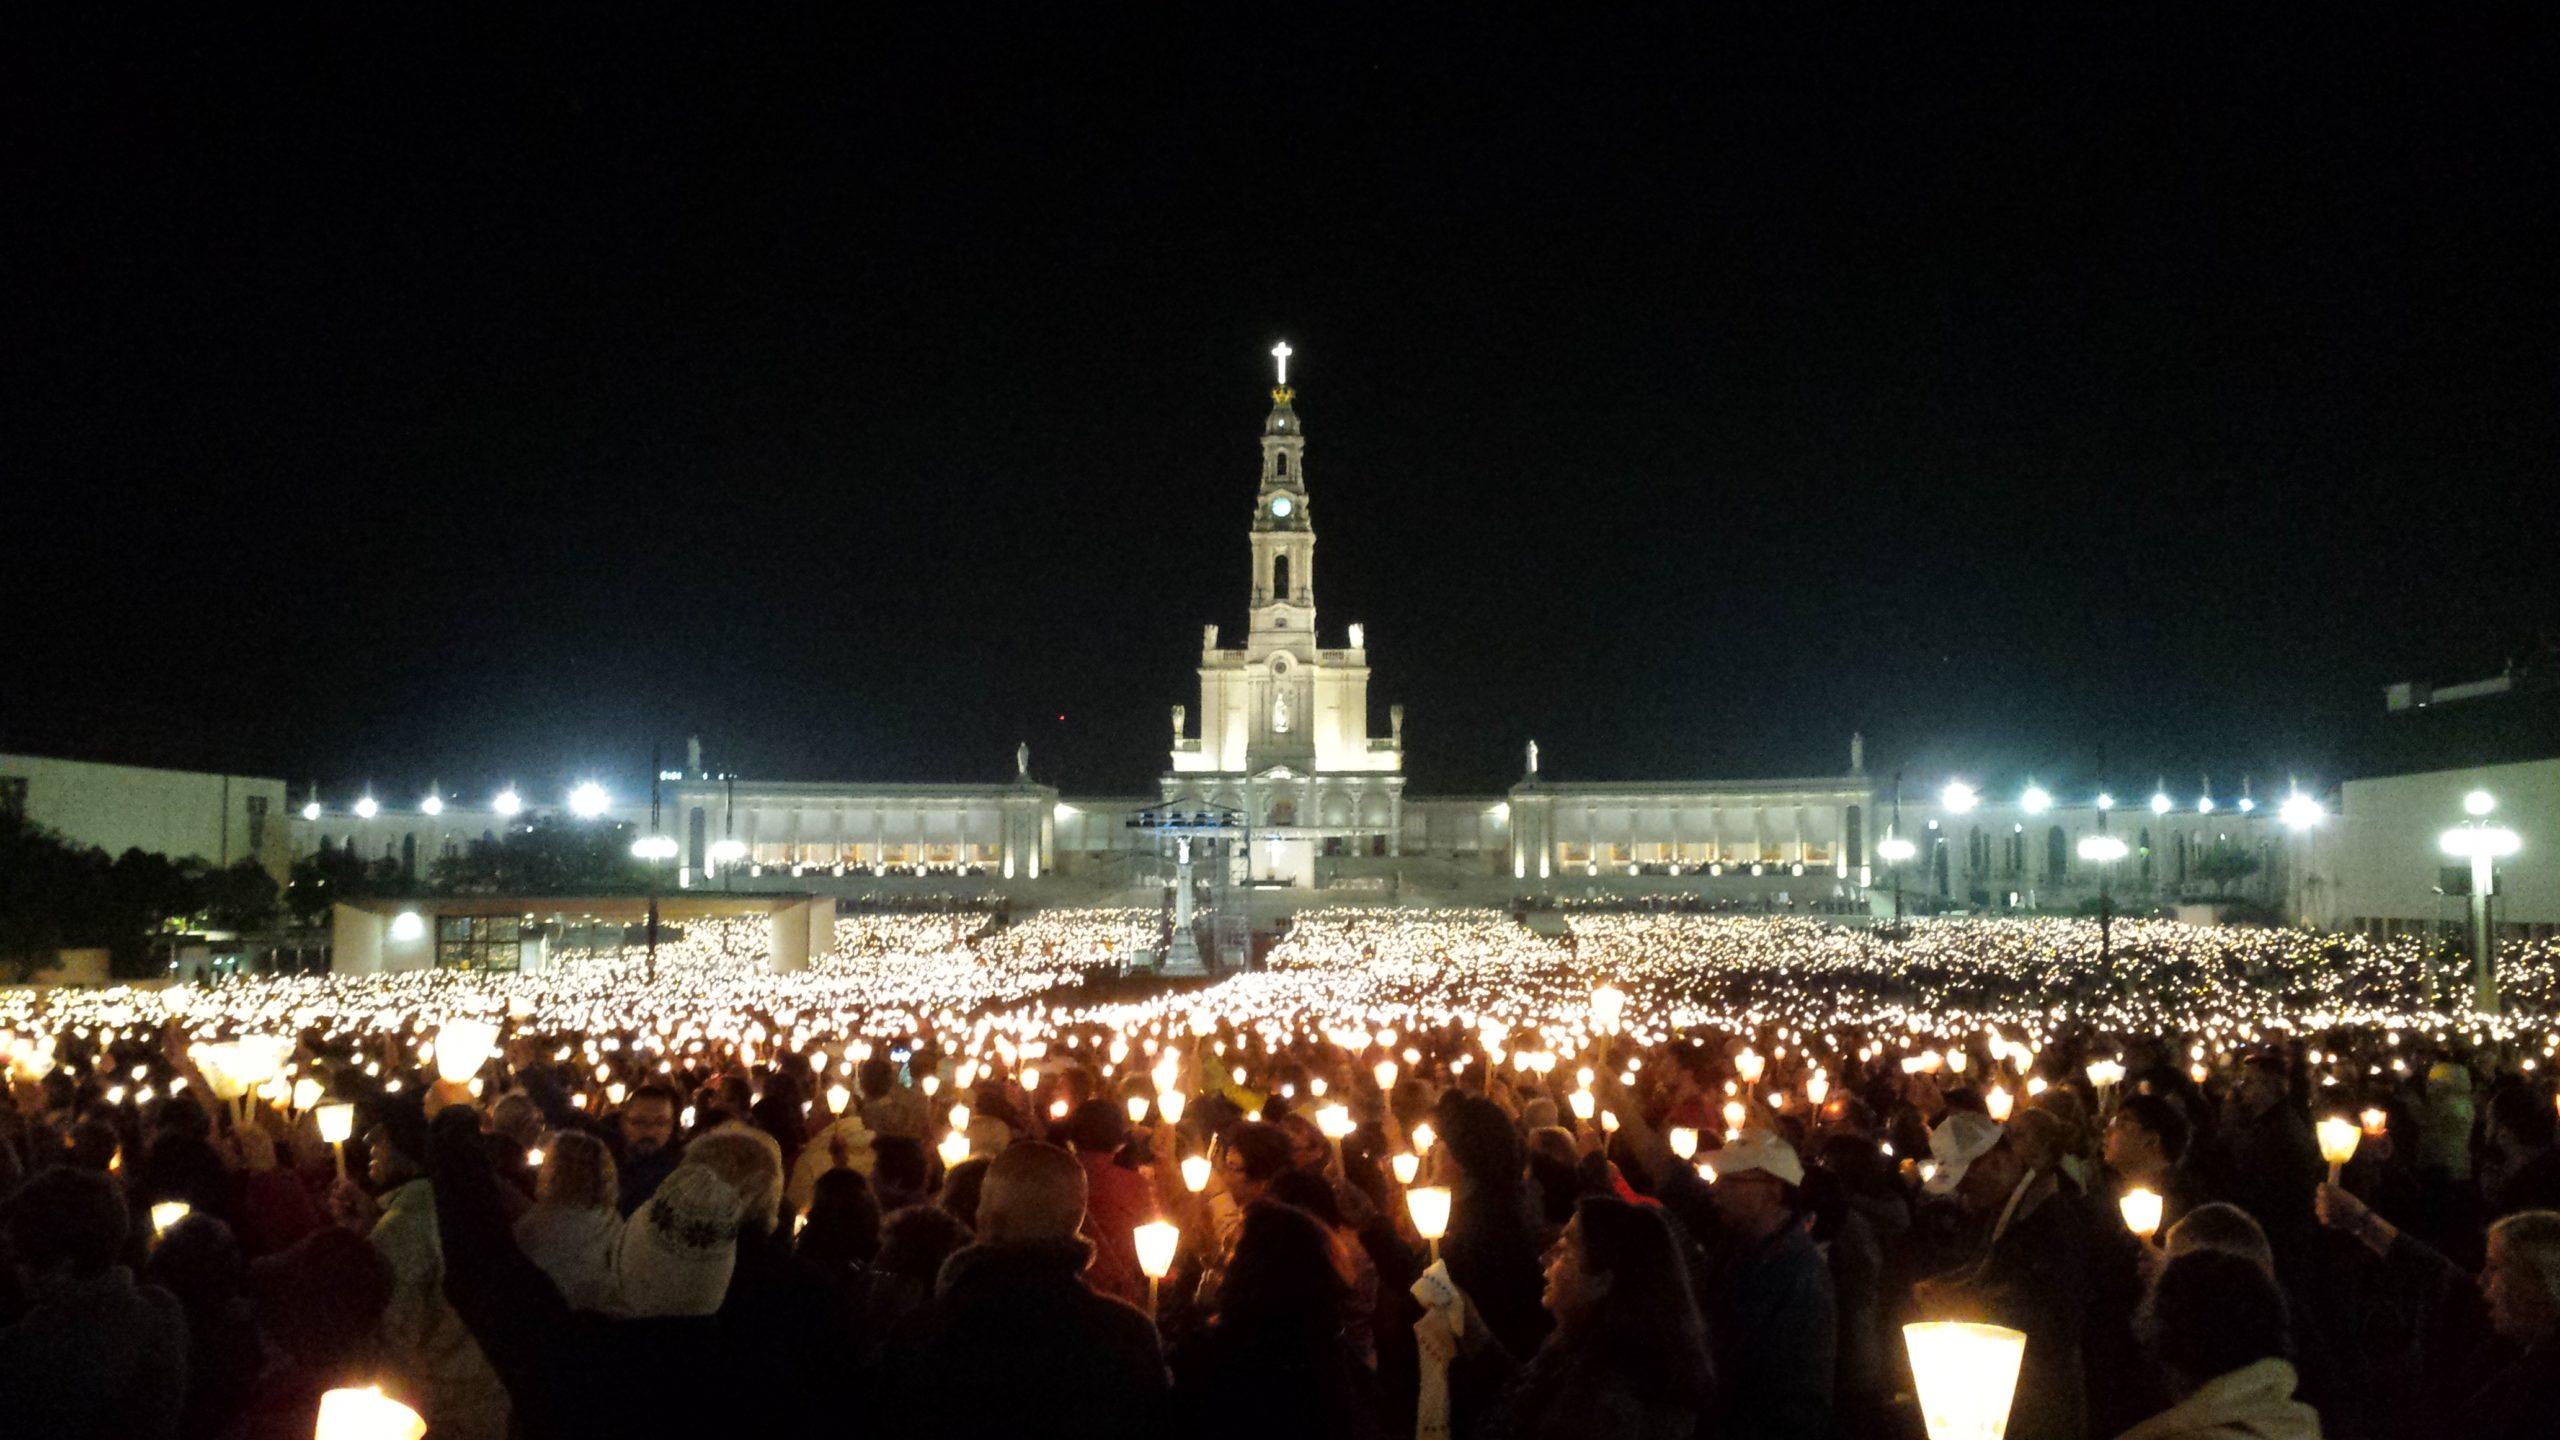 Bajo la protección de Nuestra Señora de Fátima